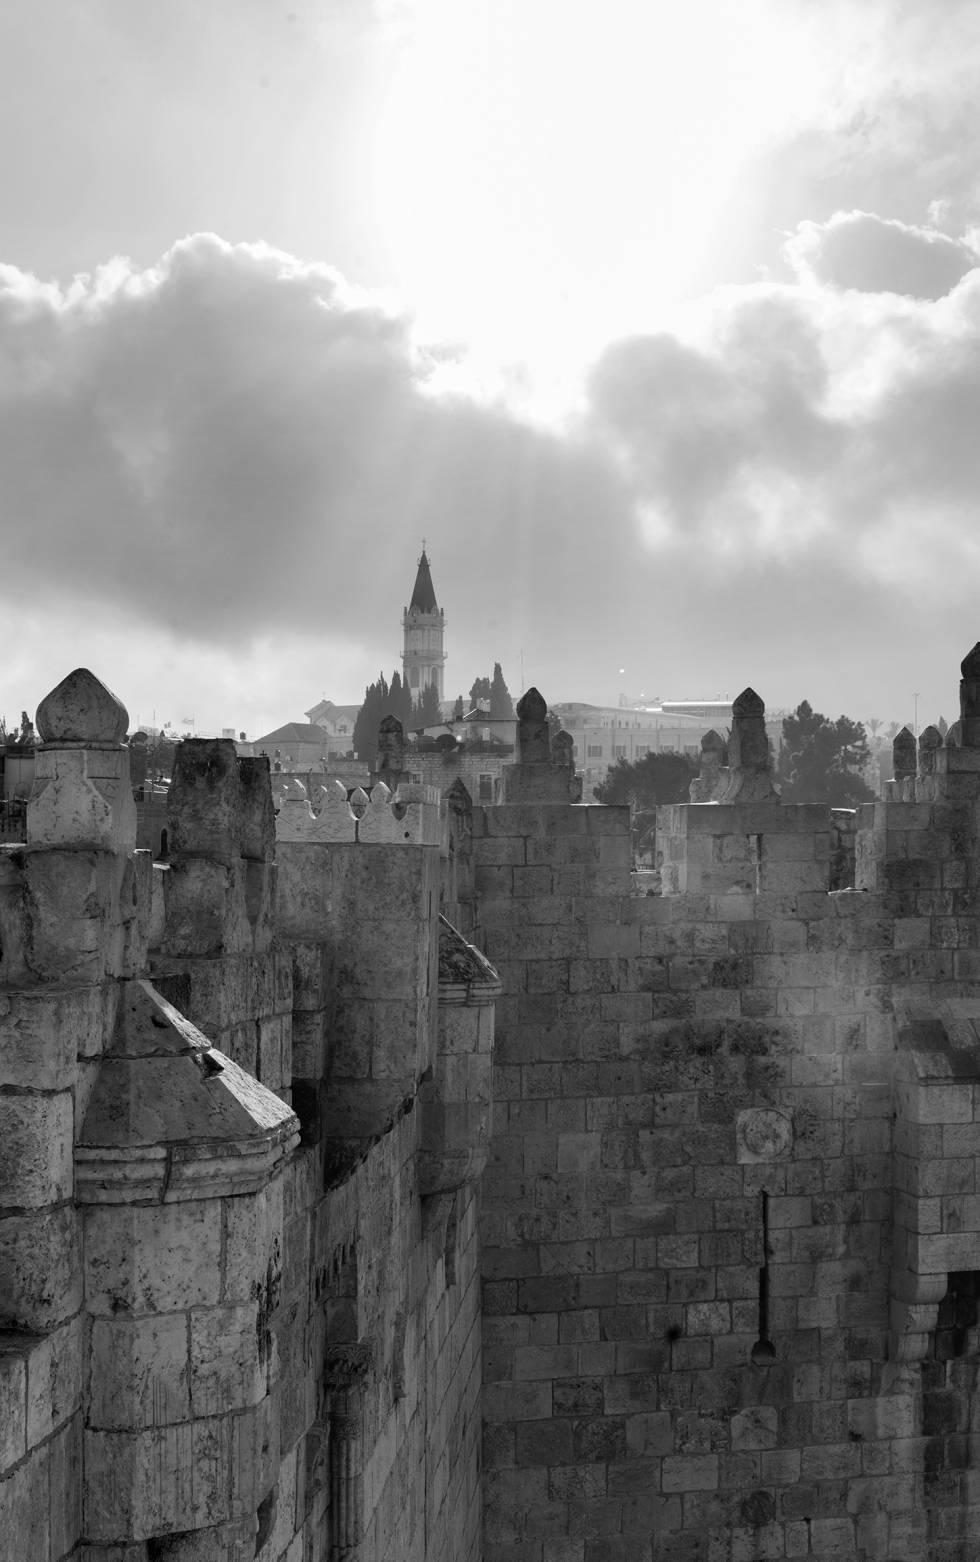 Panorámica de las murallas de la Ciudad Vieja de Jerusalén: una imagen emblemática para una urbe tan llena de historia y cultura como de problemas políticos.